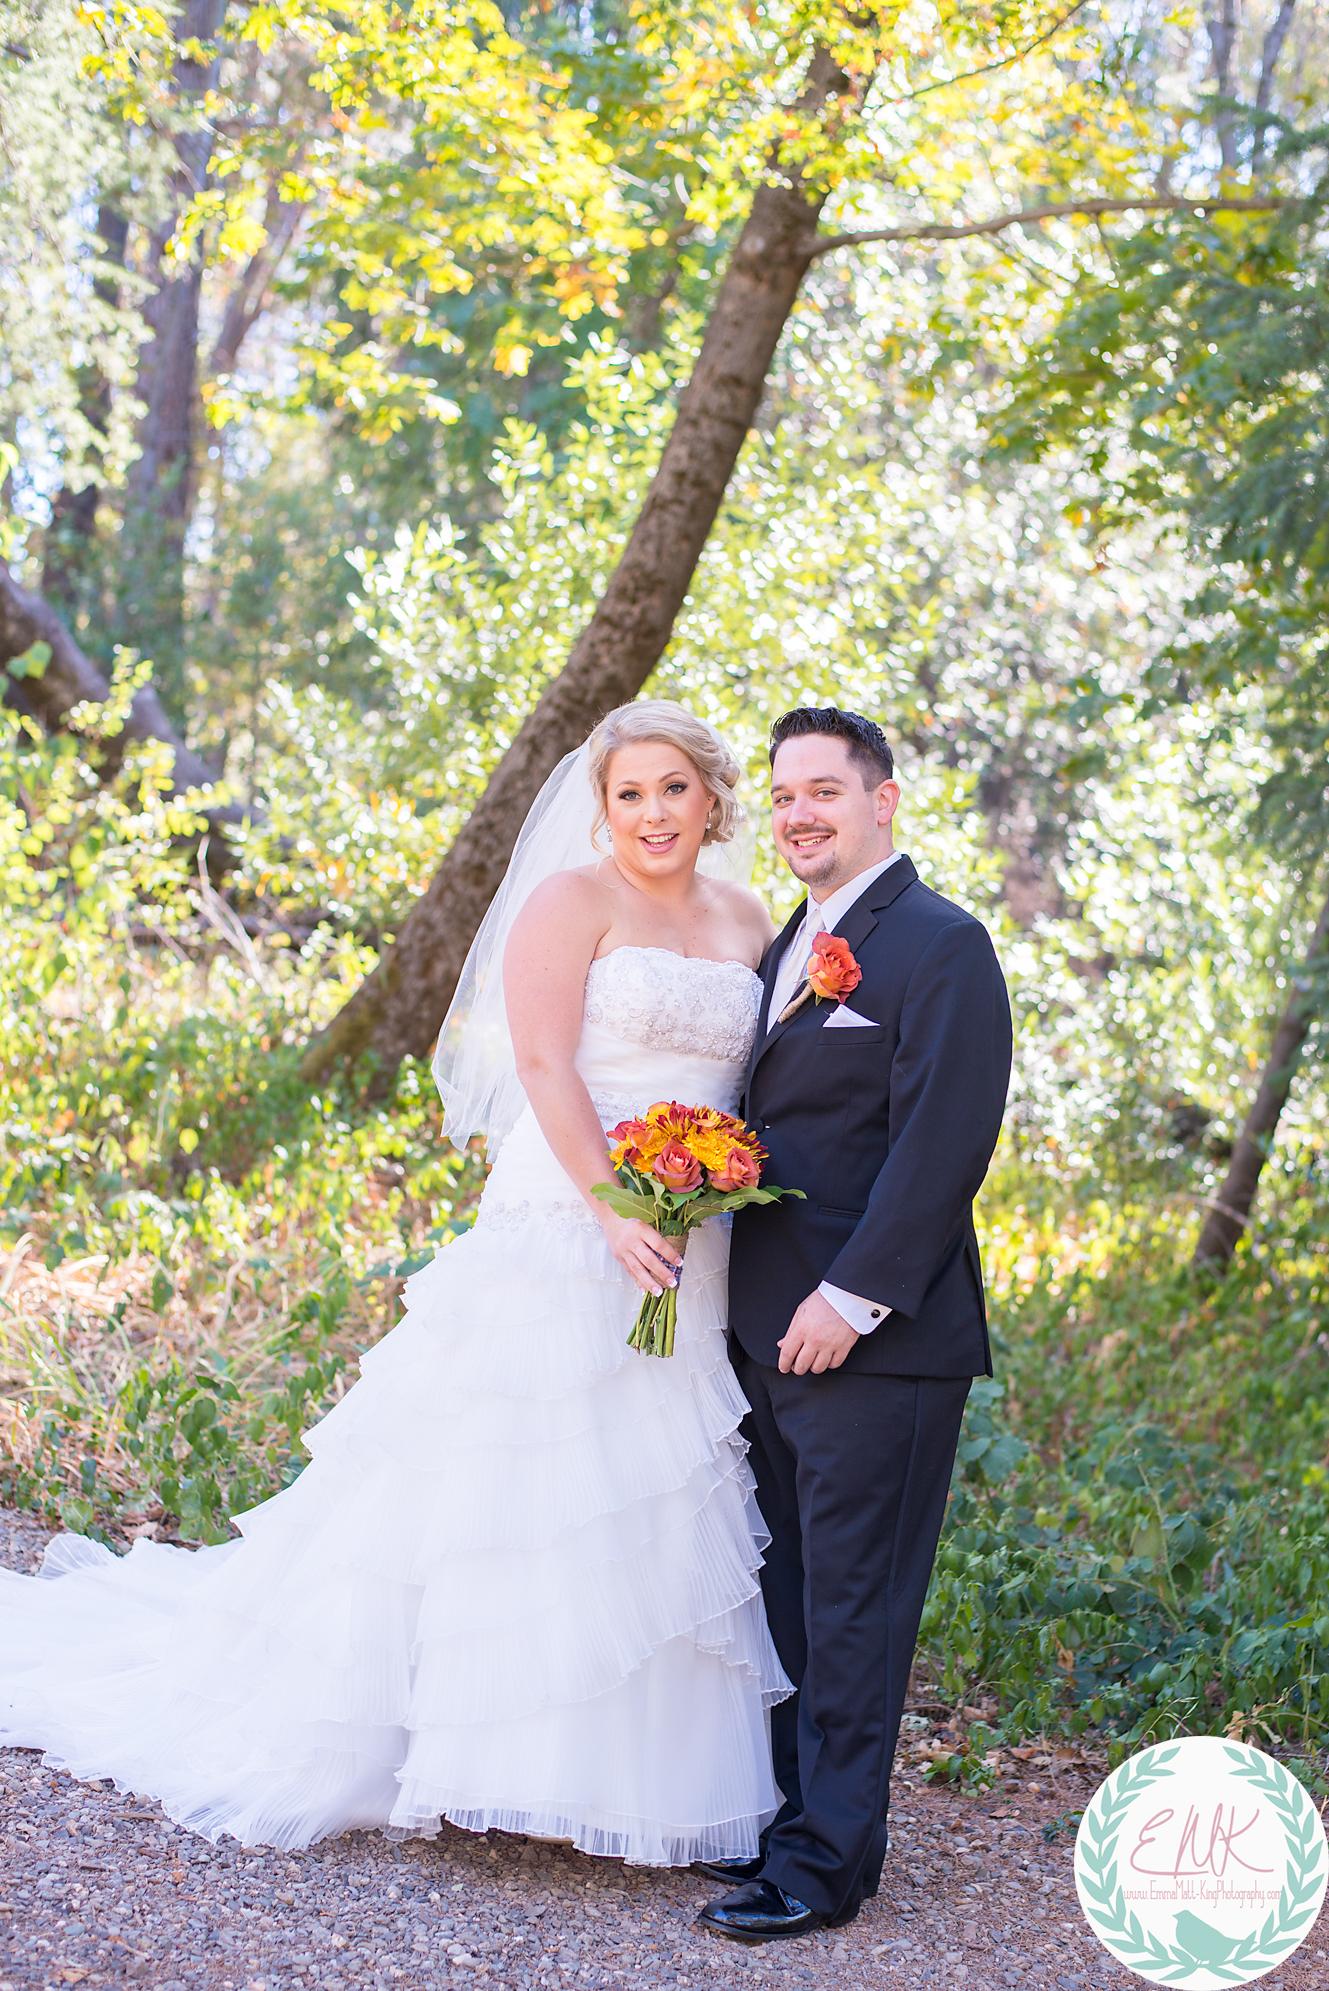 Waters Wedding EMKPhotography -10.jpg